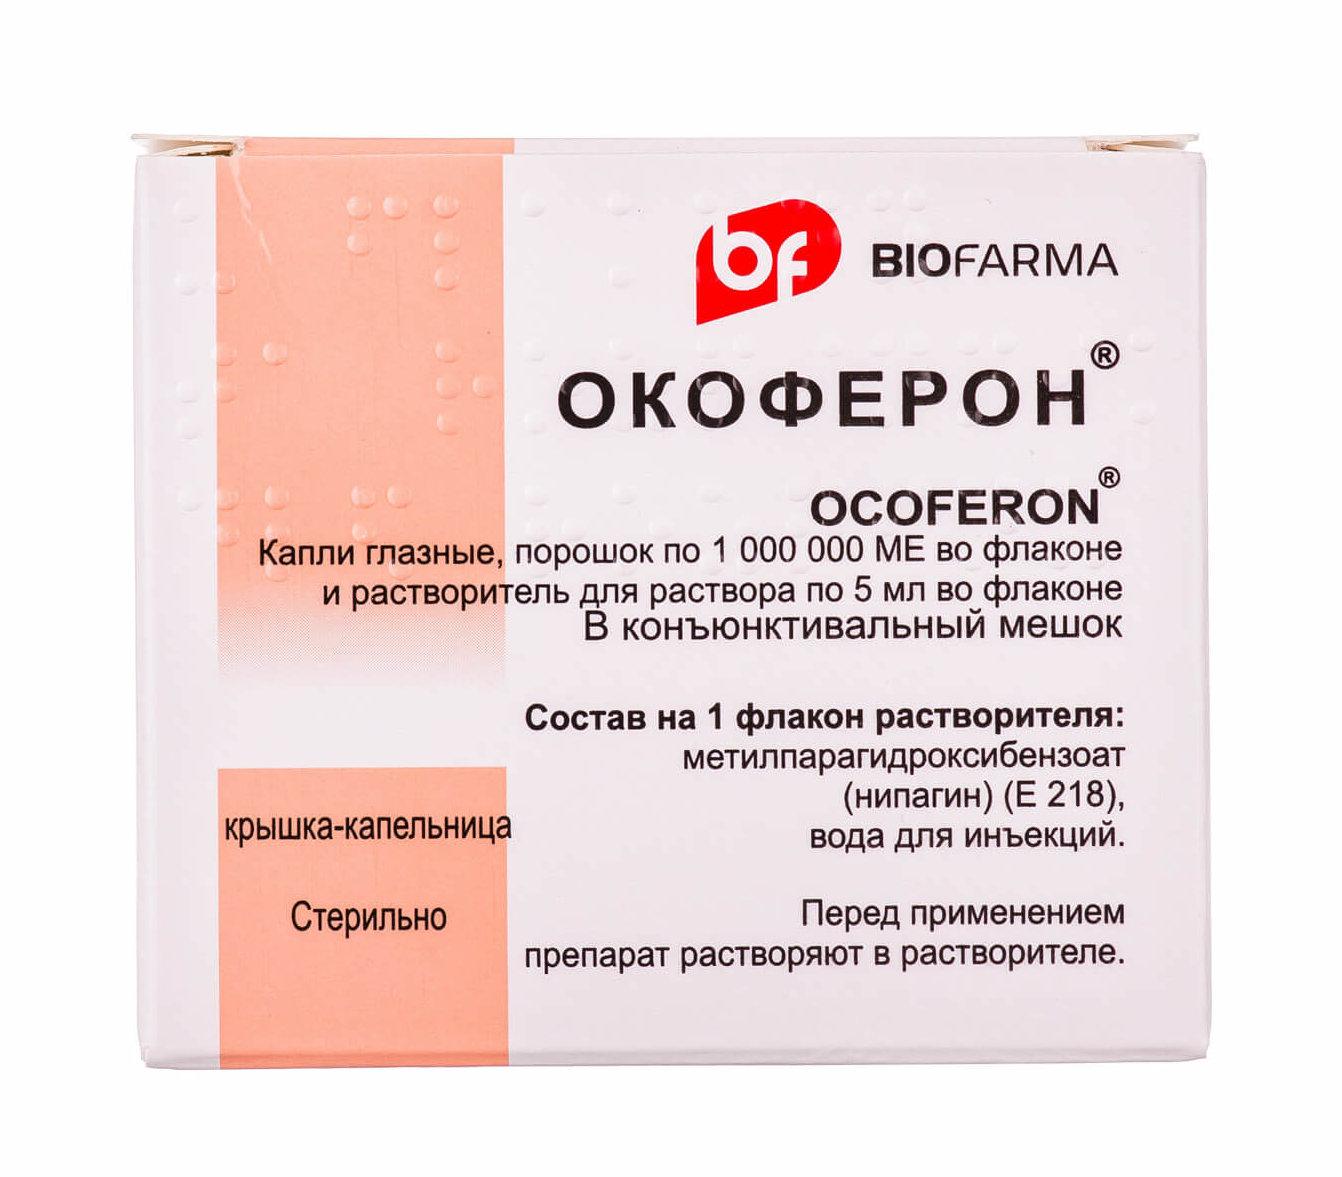 Глазные капли Окоферон: инструкция, фармакологическое действие и аналоги